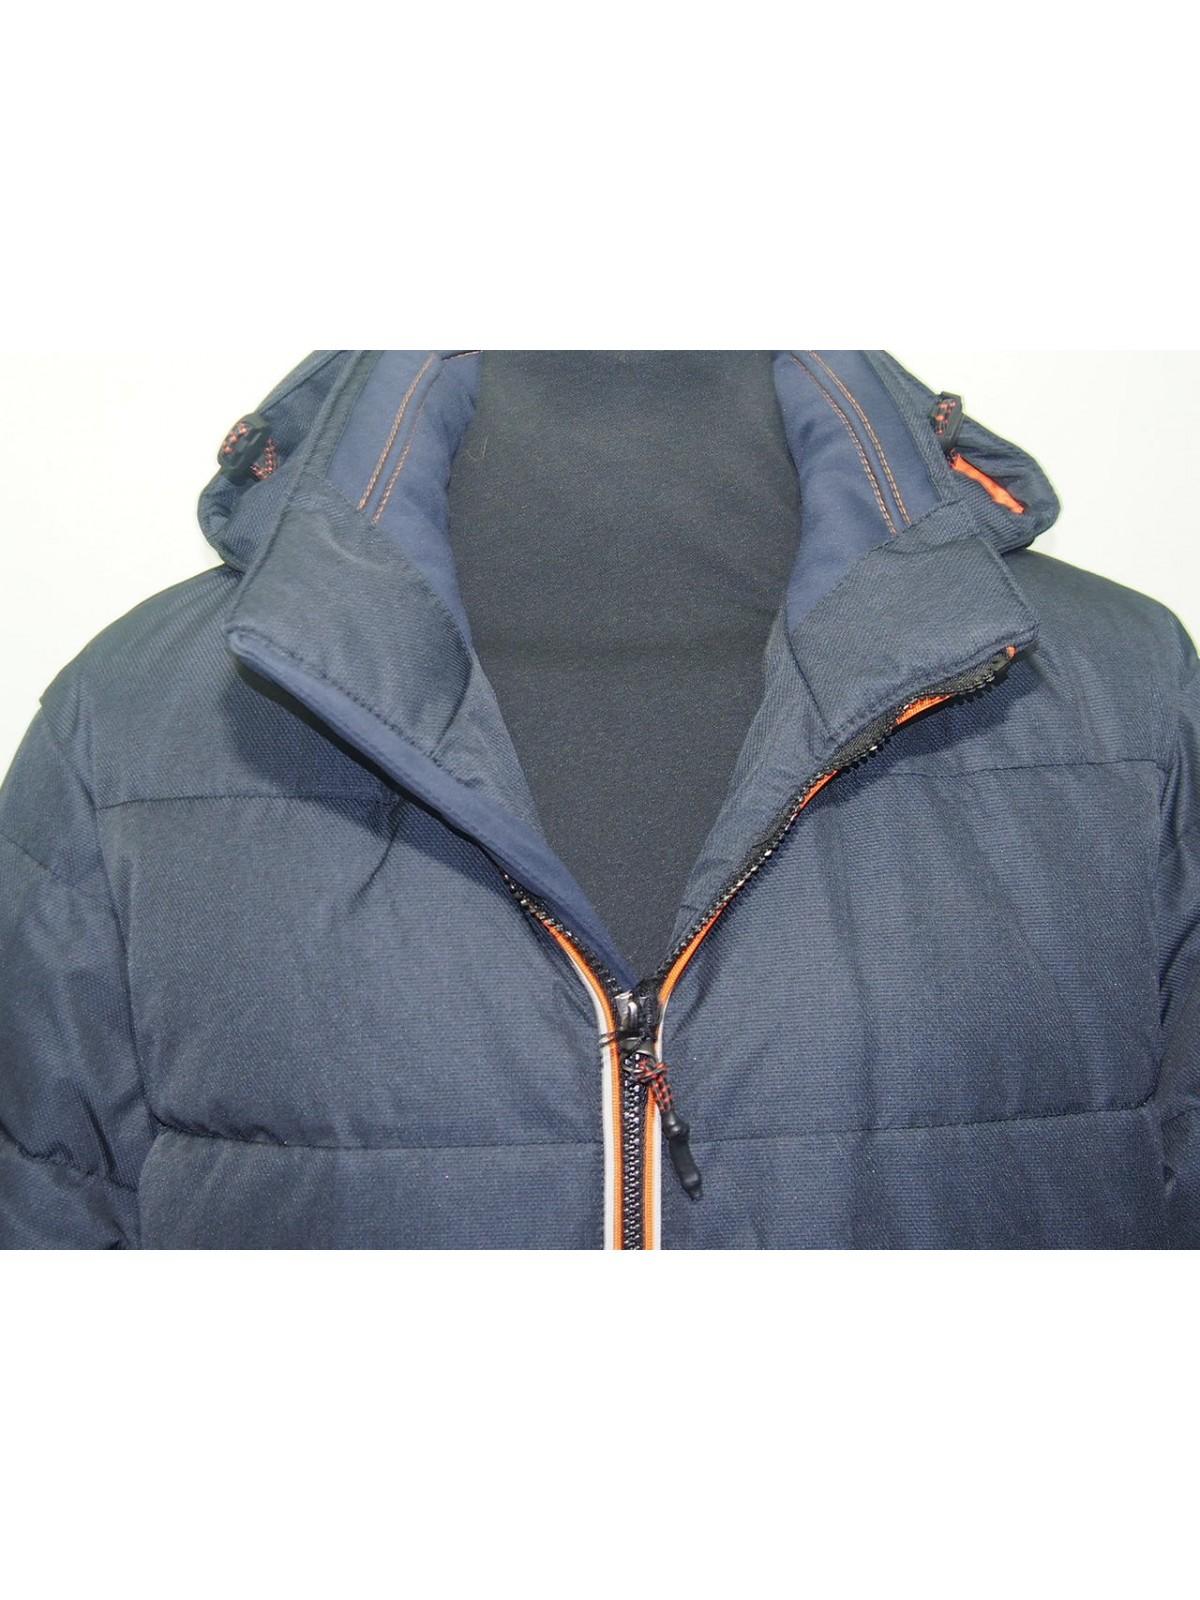 Куртка мужская Gate One 3166 3111